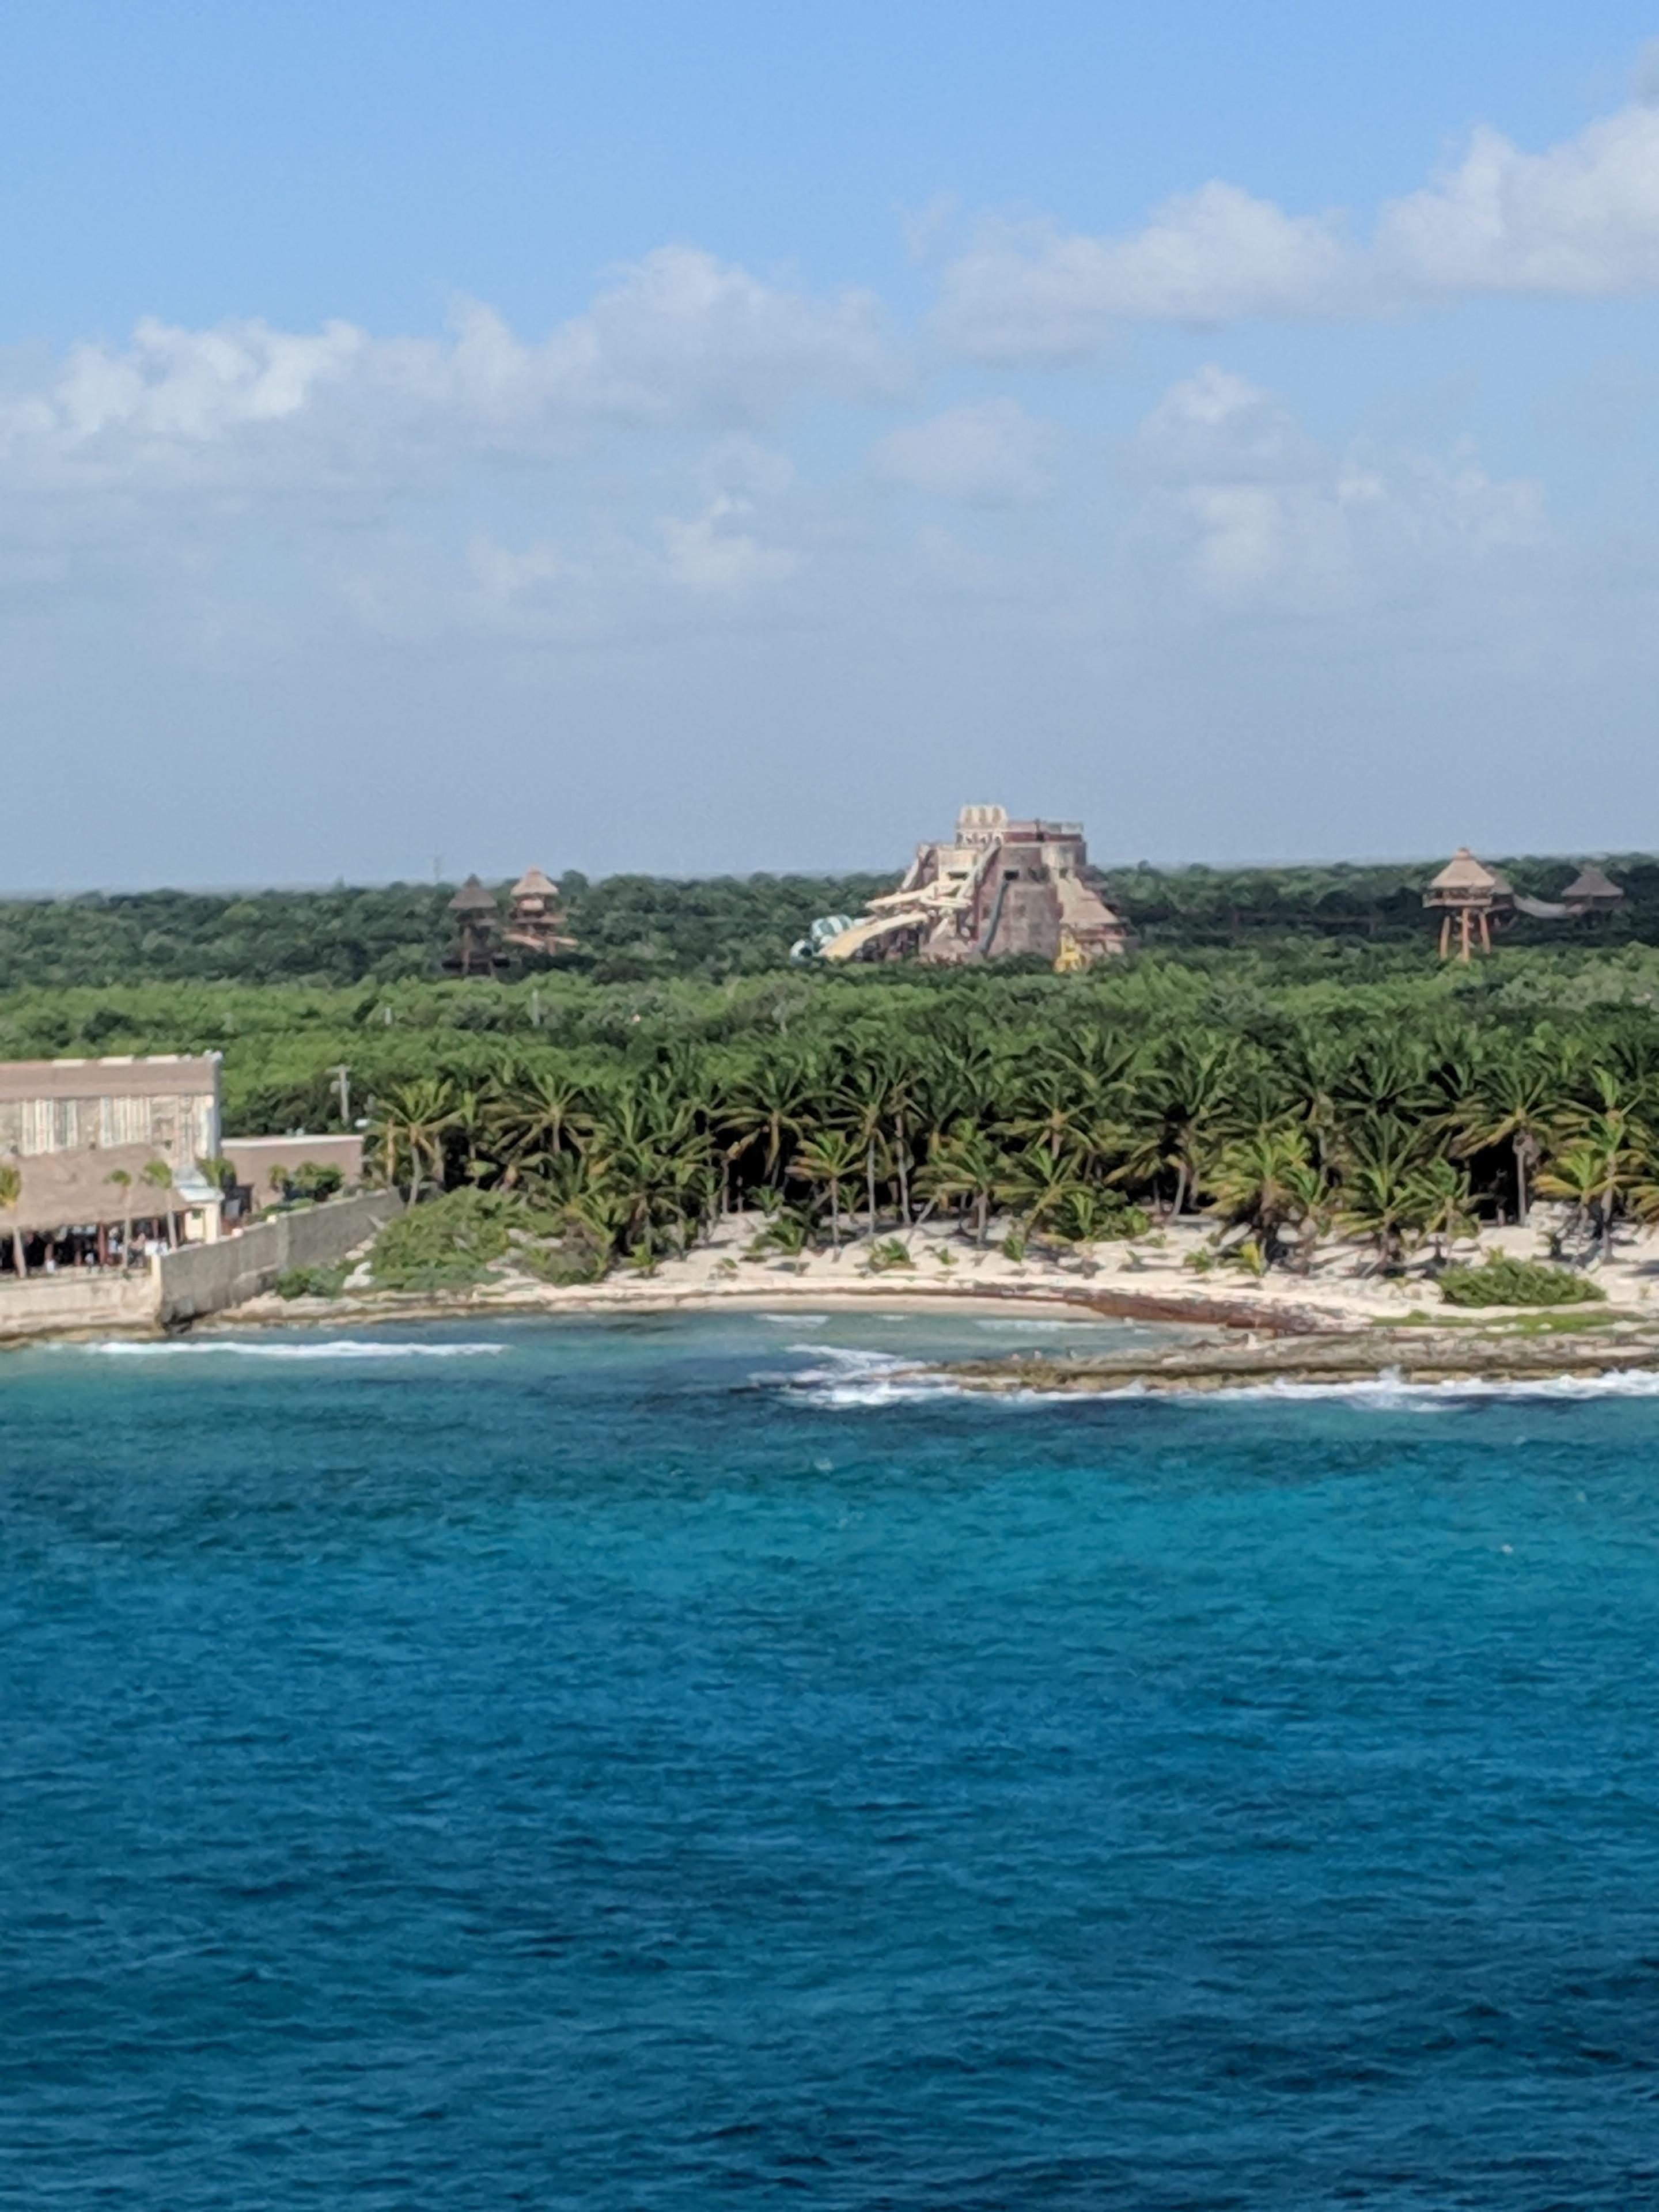 Costa Maya Port, Mahahual, Mexico